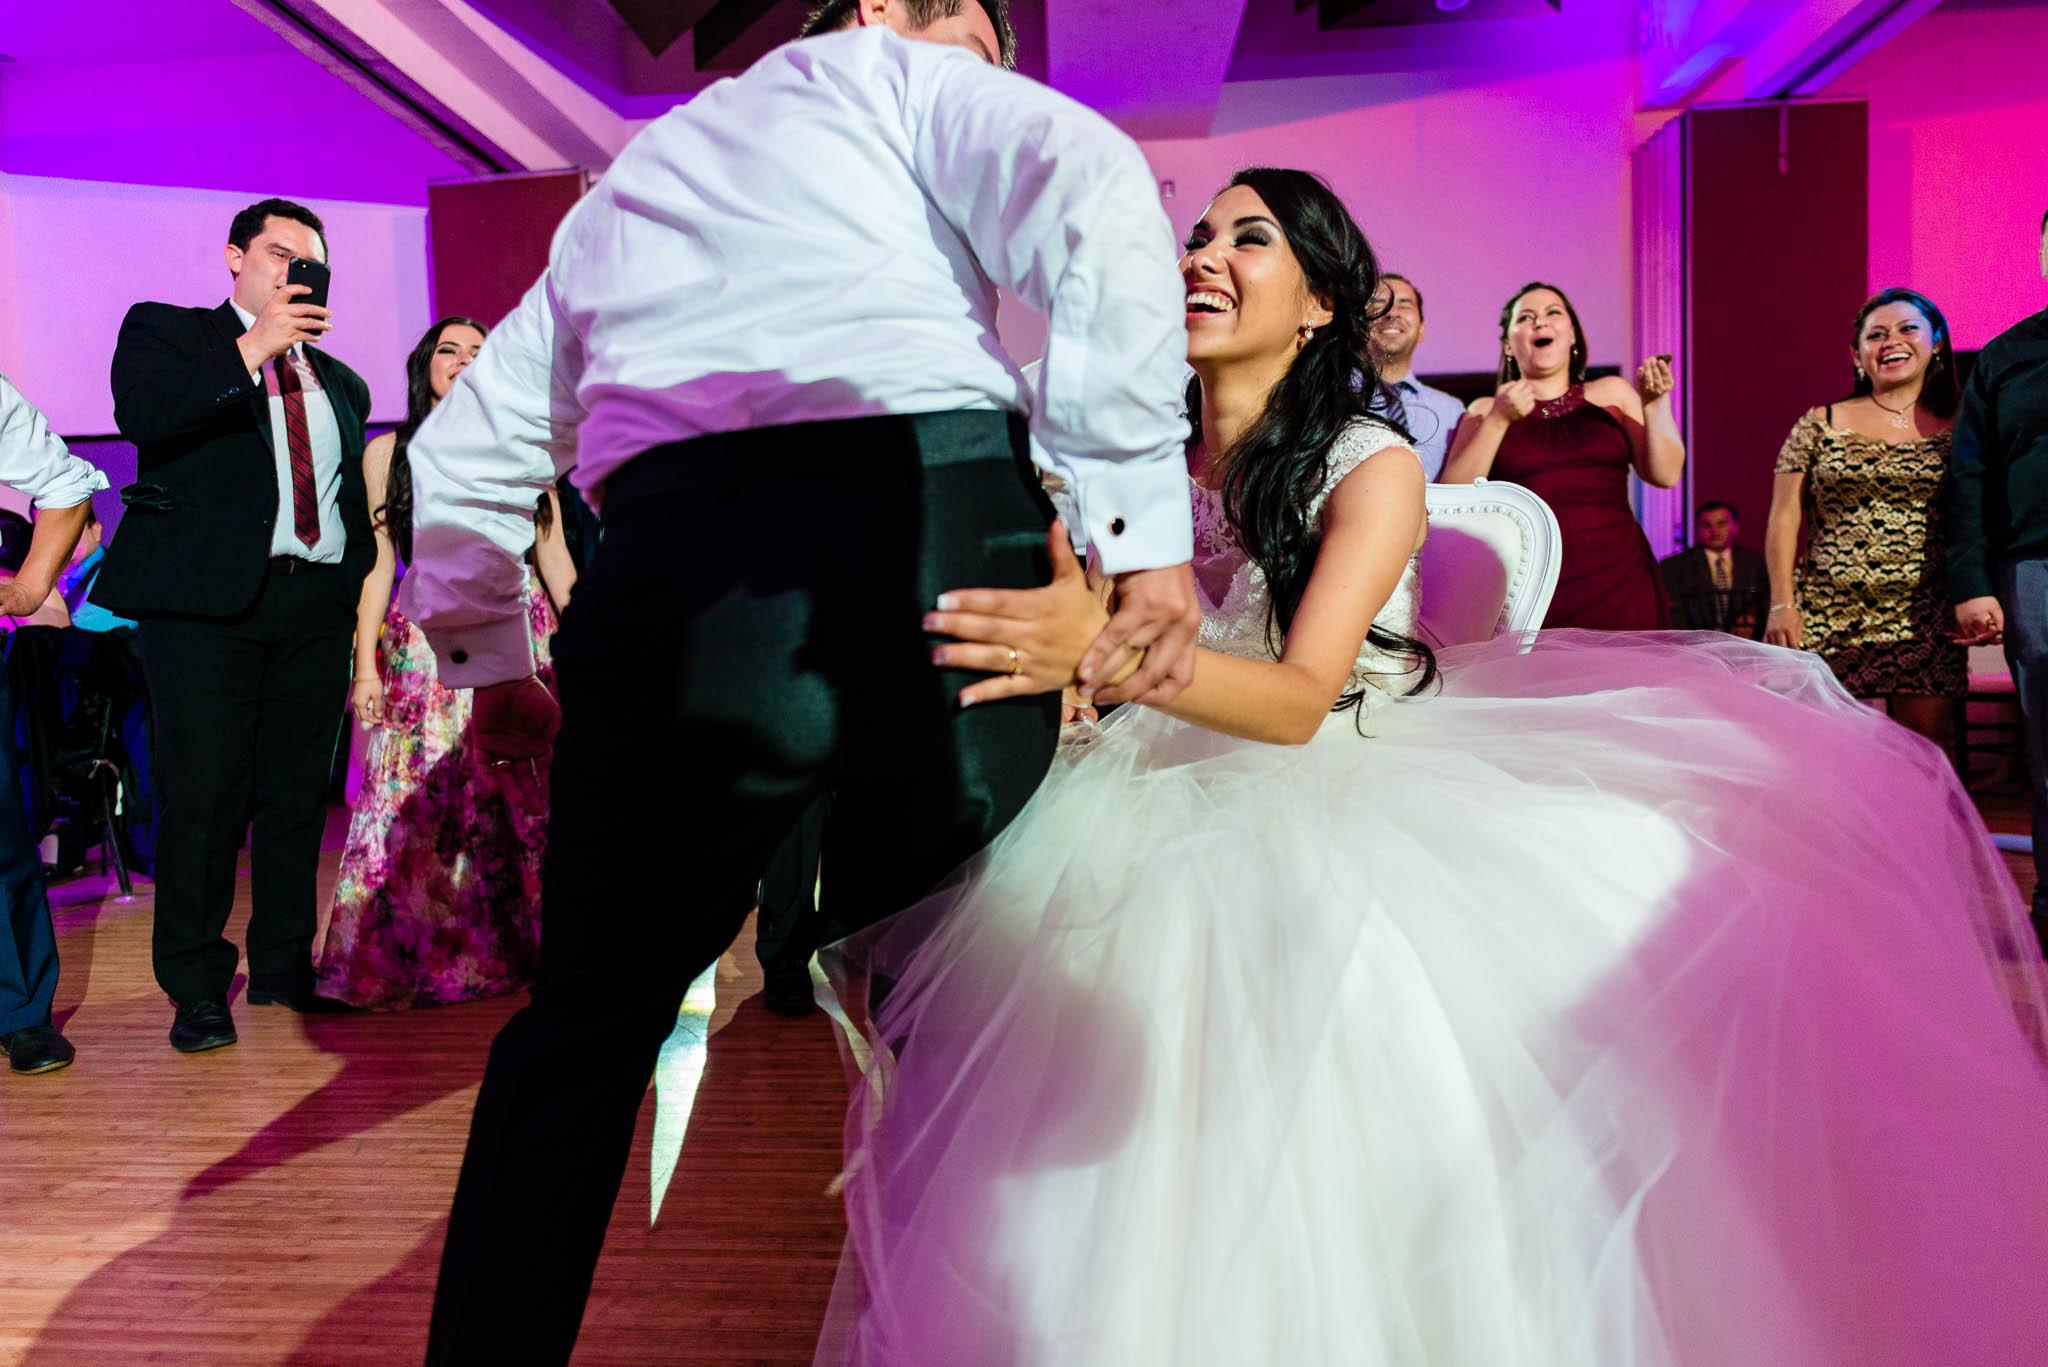 fotografo de bodas san luis potosi boda mexico wedding destination fotos de boda 312